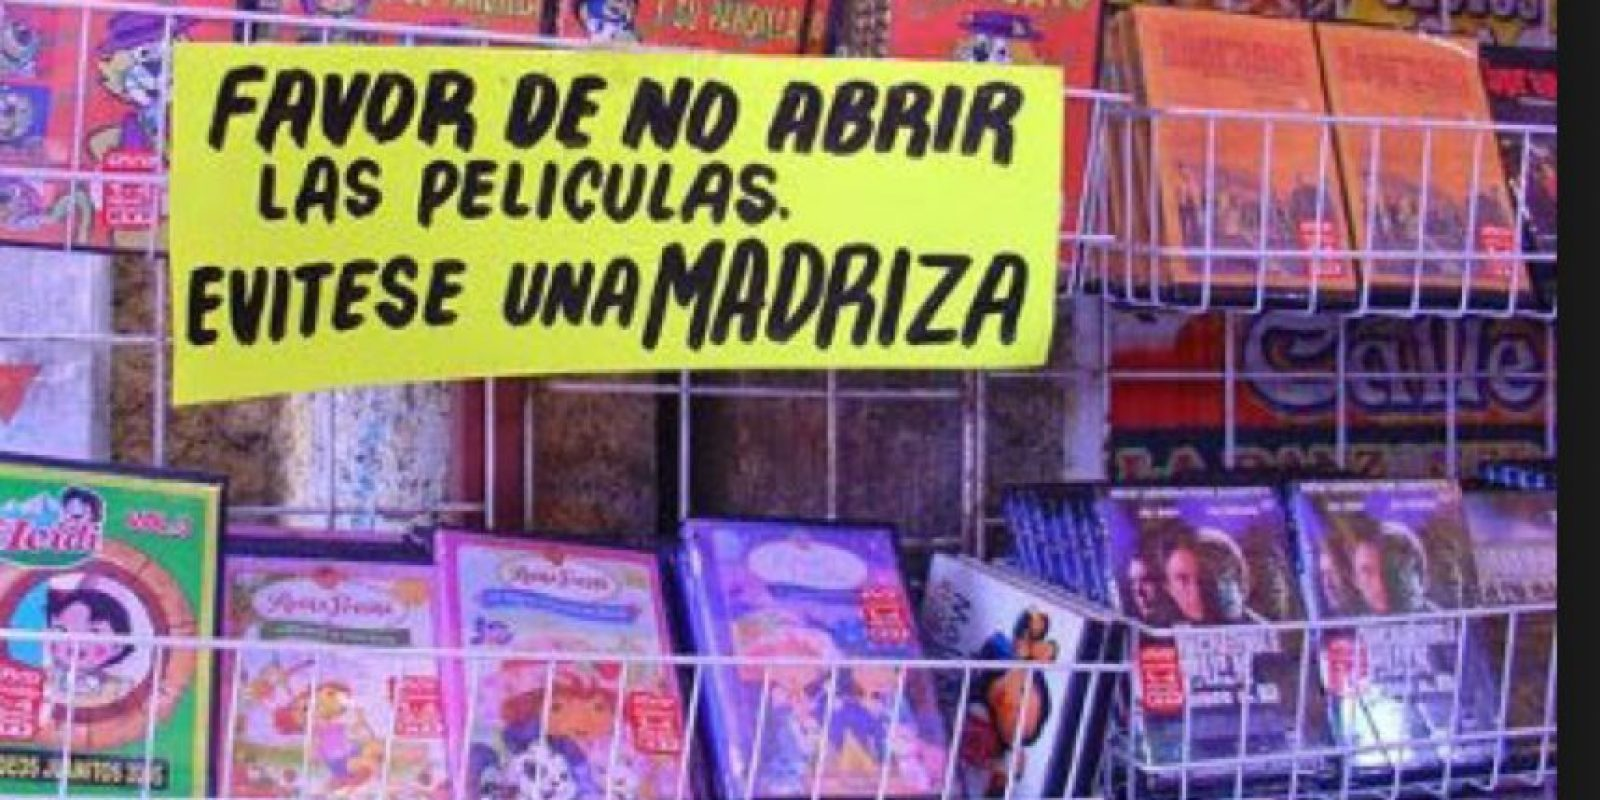 Para poner un anuncio así es que definitivamente hubo una bola de incautos que adoraba probar el producto sin comprarlo. Foto:vía Naquisimo.com